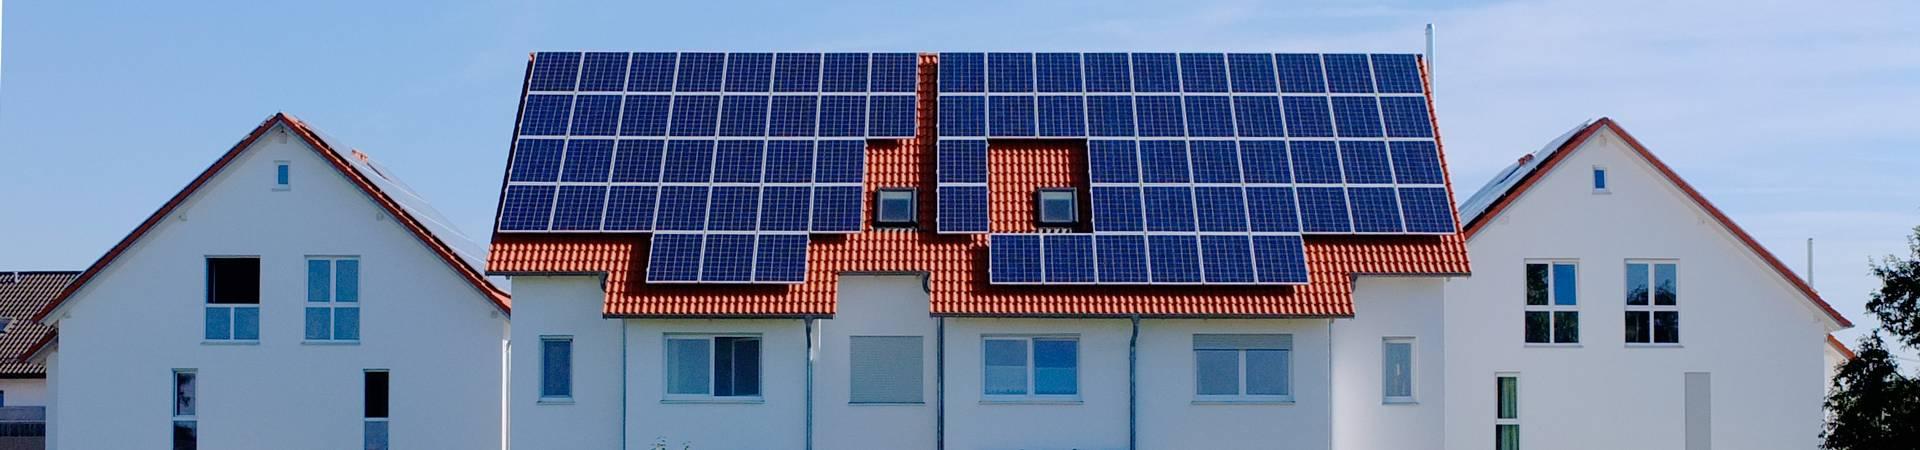 photovoltaik hilpoltstein